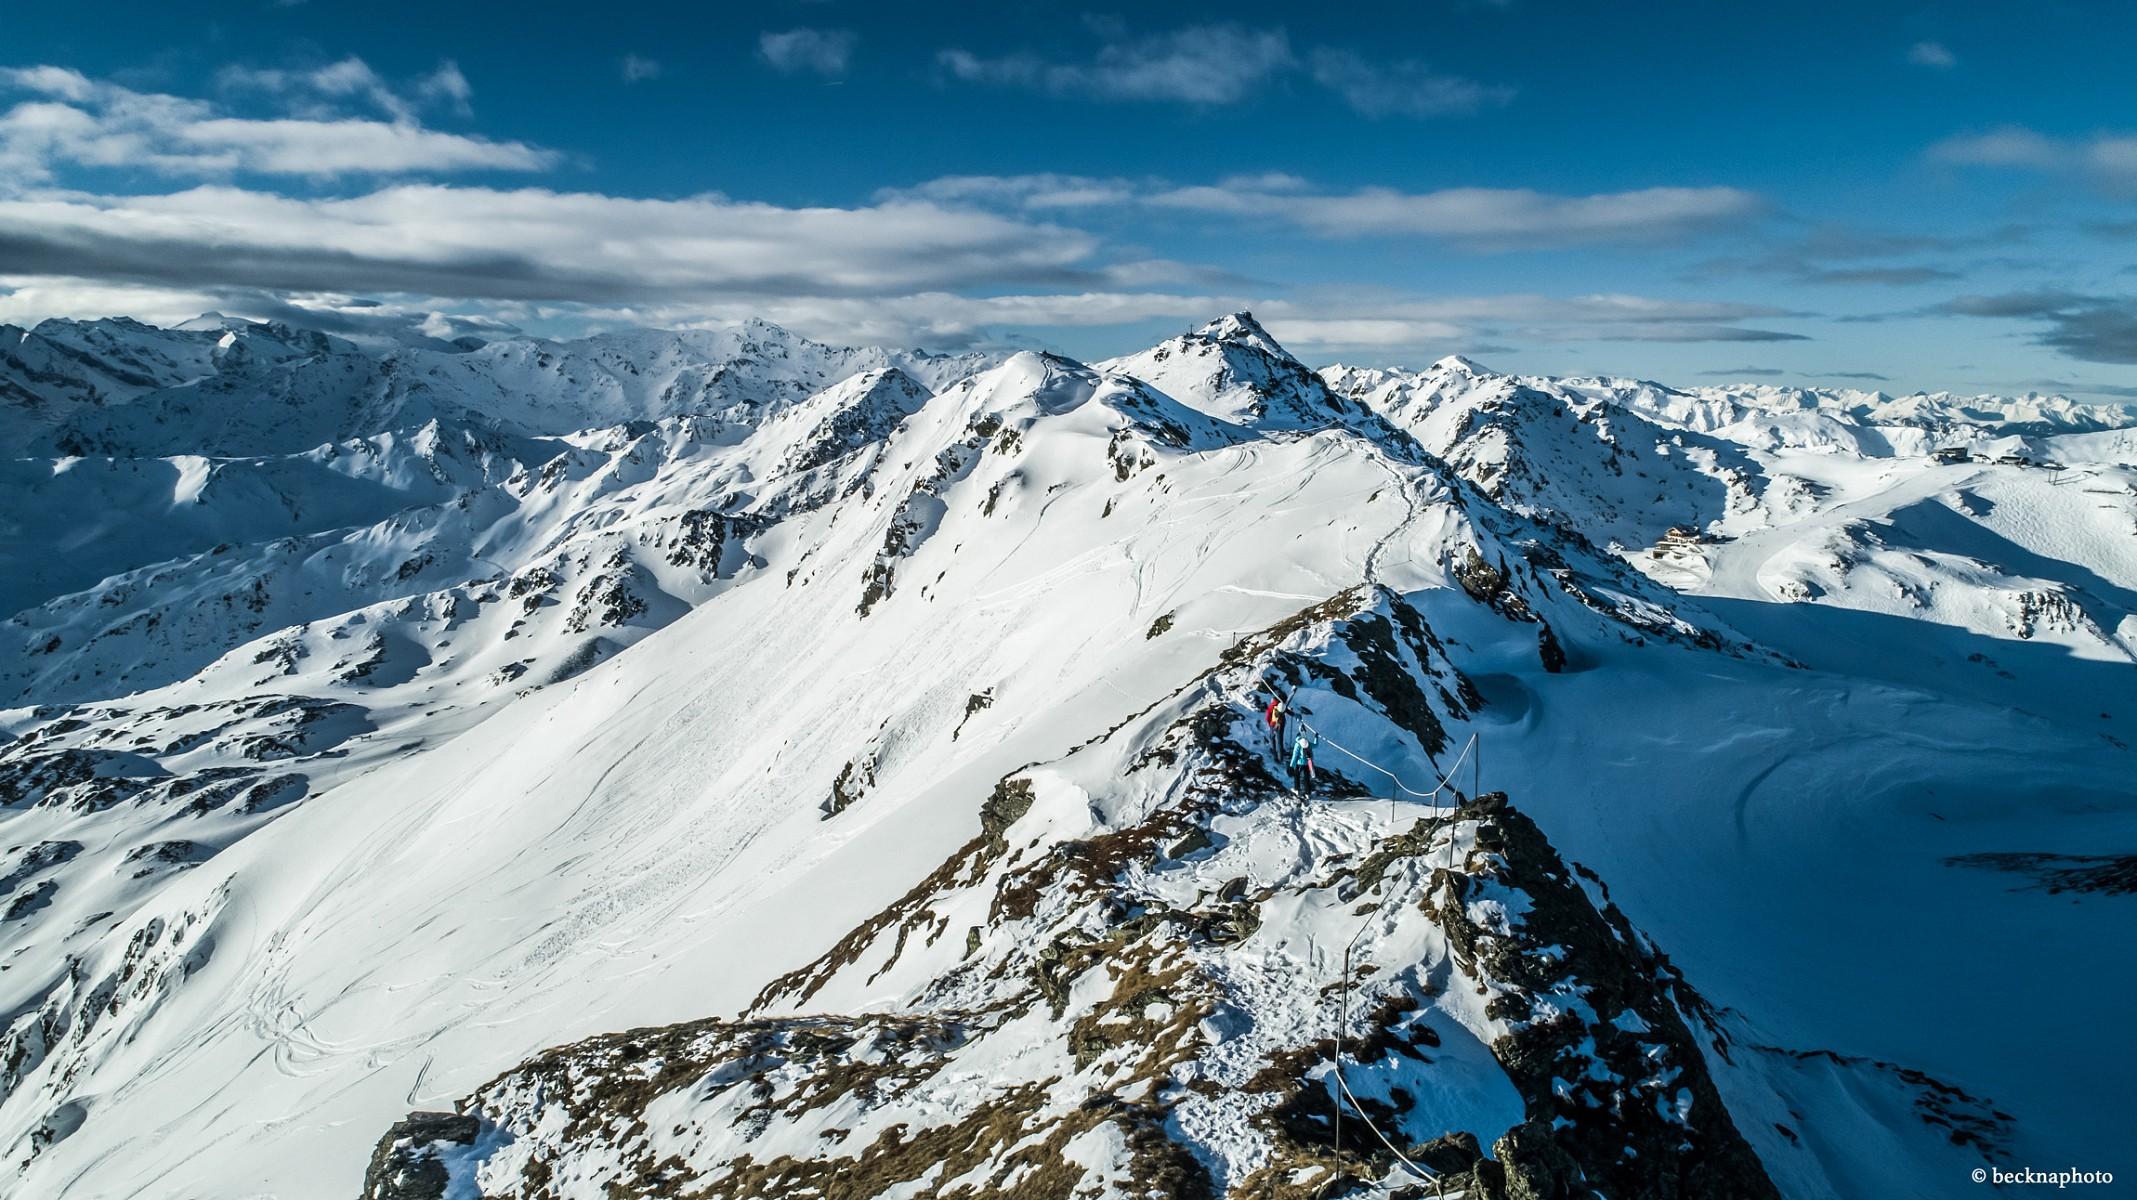 pAuf-Augenhoumlhe-mit-den-Gipfeln-dernbspZillertaler-Alpen-Von-hier-sind-es-nur-100-mnbsphinab-zur-Wedelhuumltte-auf-2350-m-Houmlhenbspp